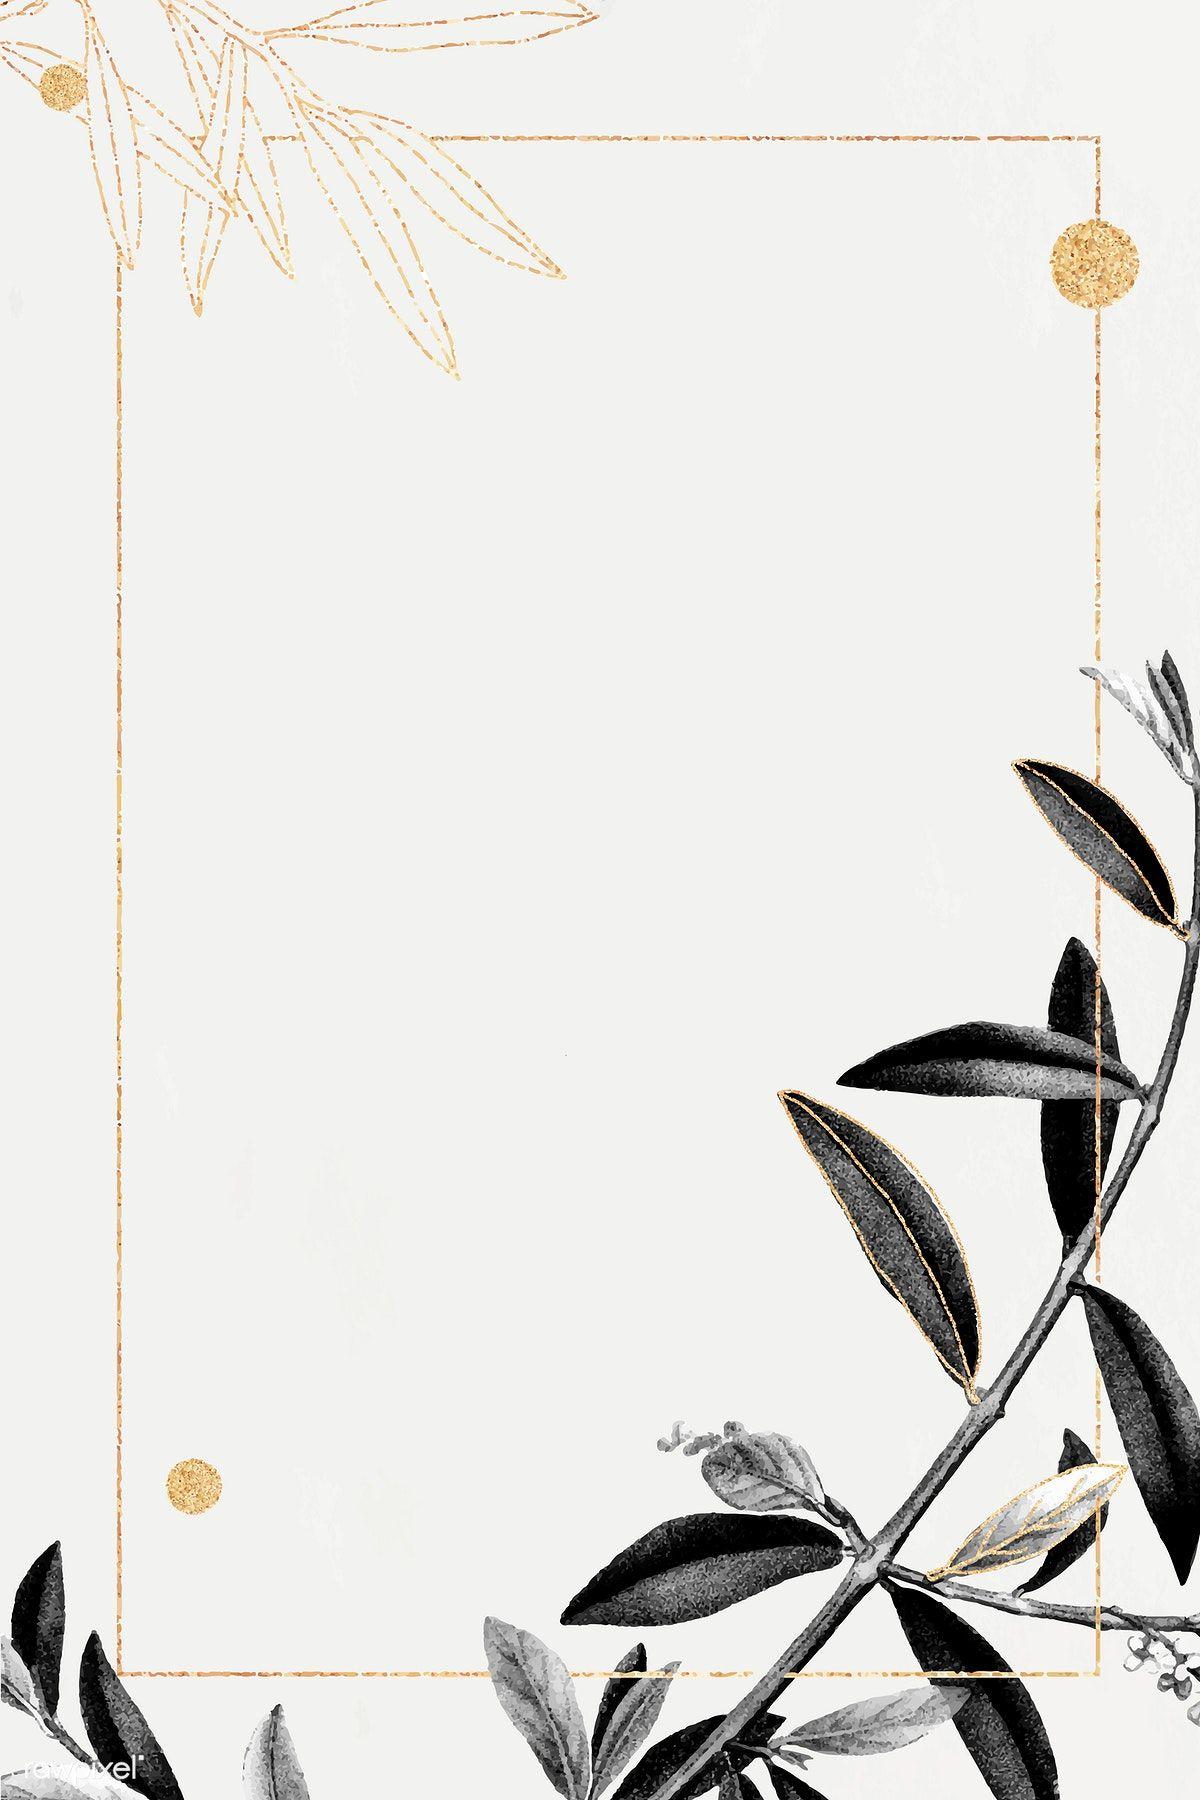 Download Premium Vector Of Rectangle Gold Frame With Olive Branch Pattern Olive Branch Floral Border Design Gold Frame